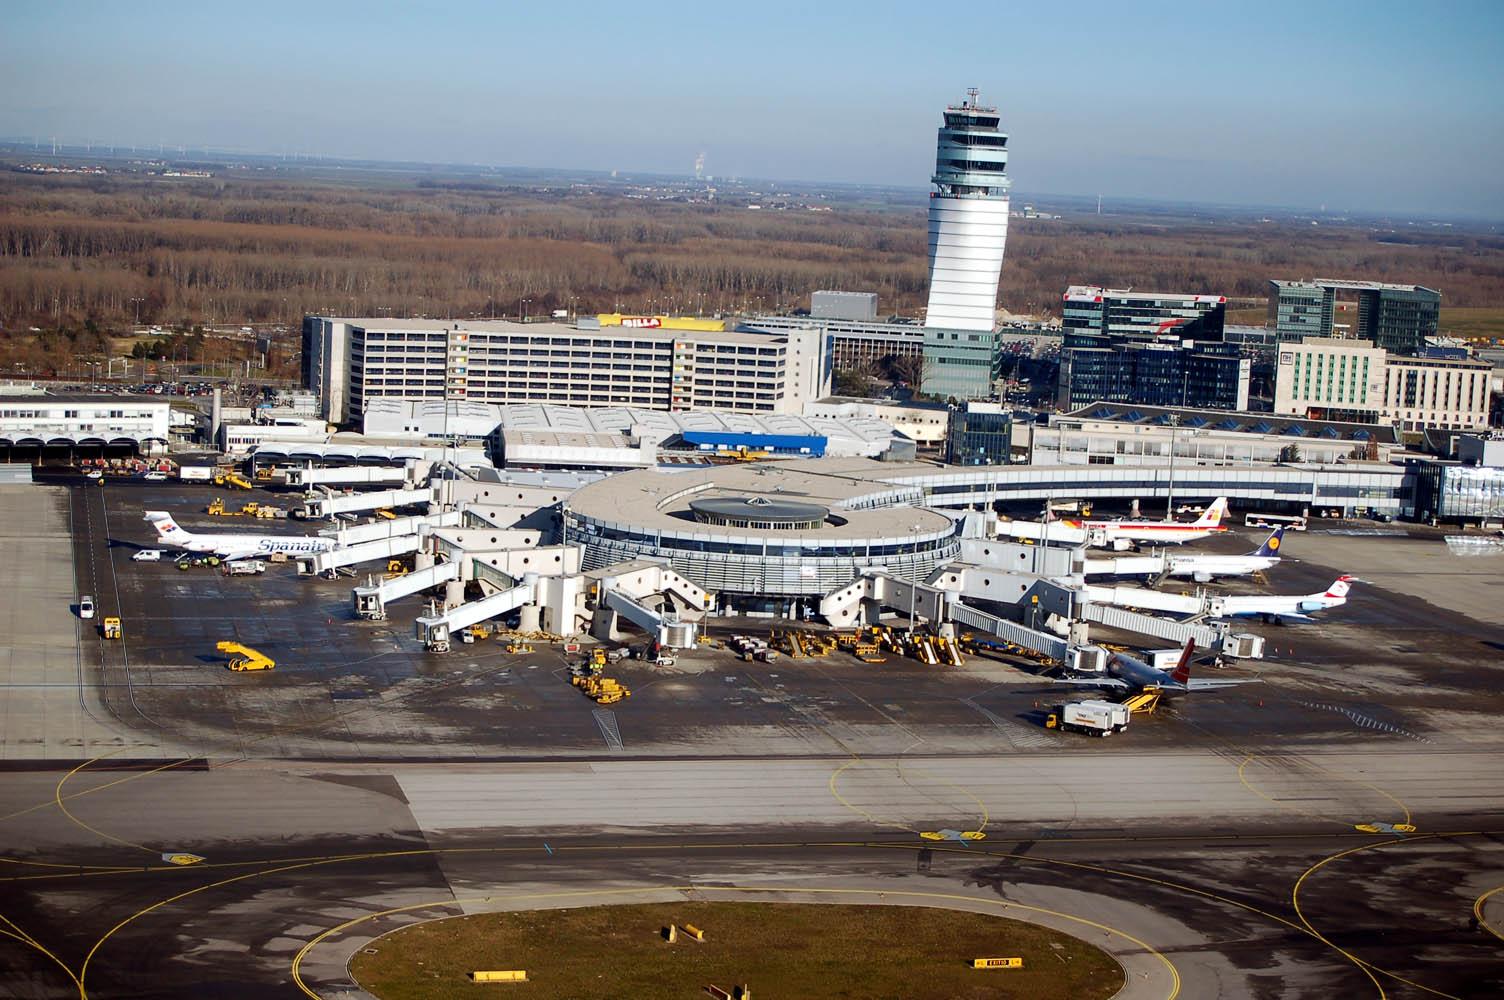 Aeroporto Vienna : Of austrianzimmers flying to austria vienna